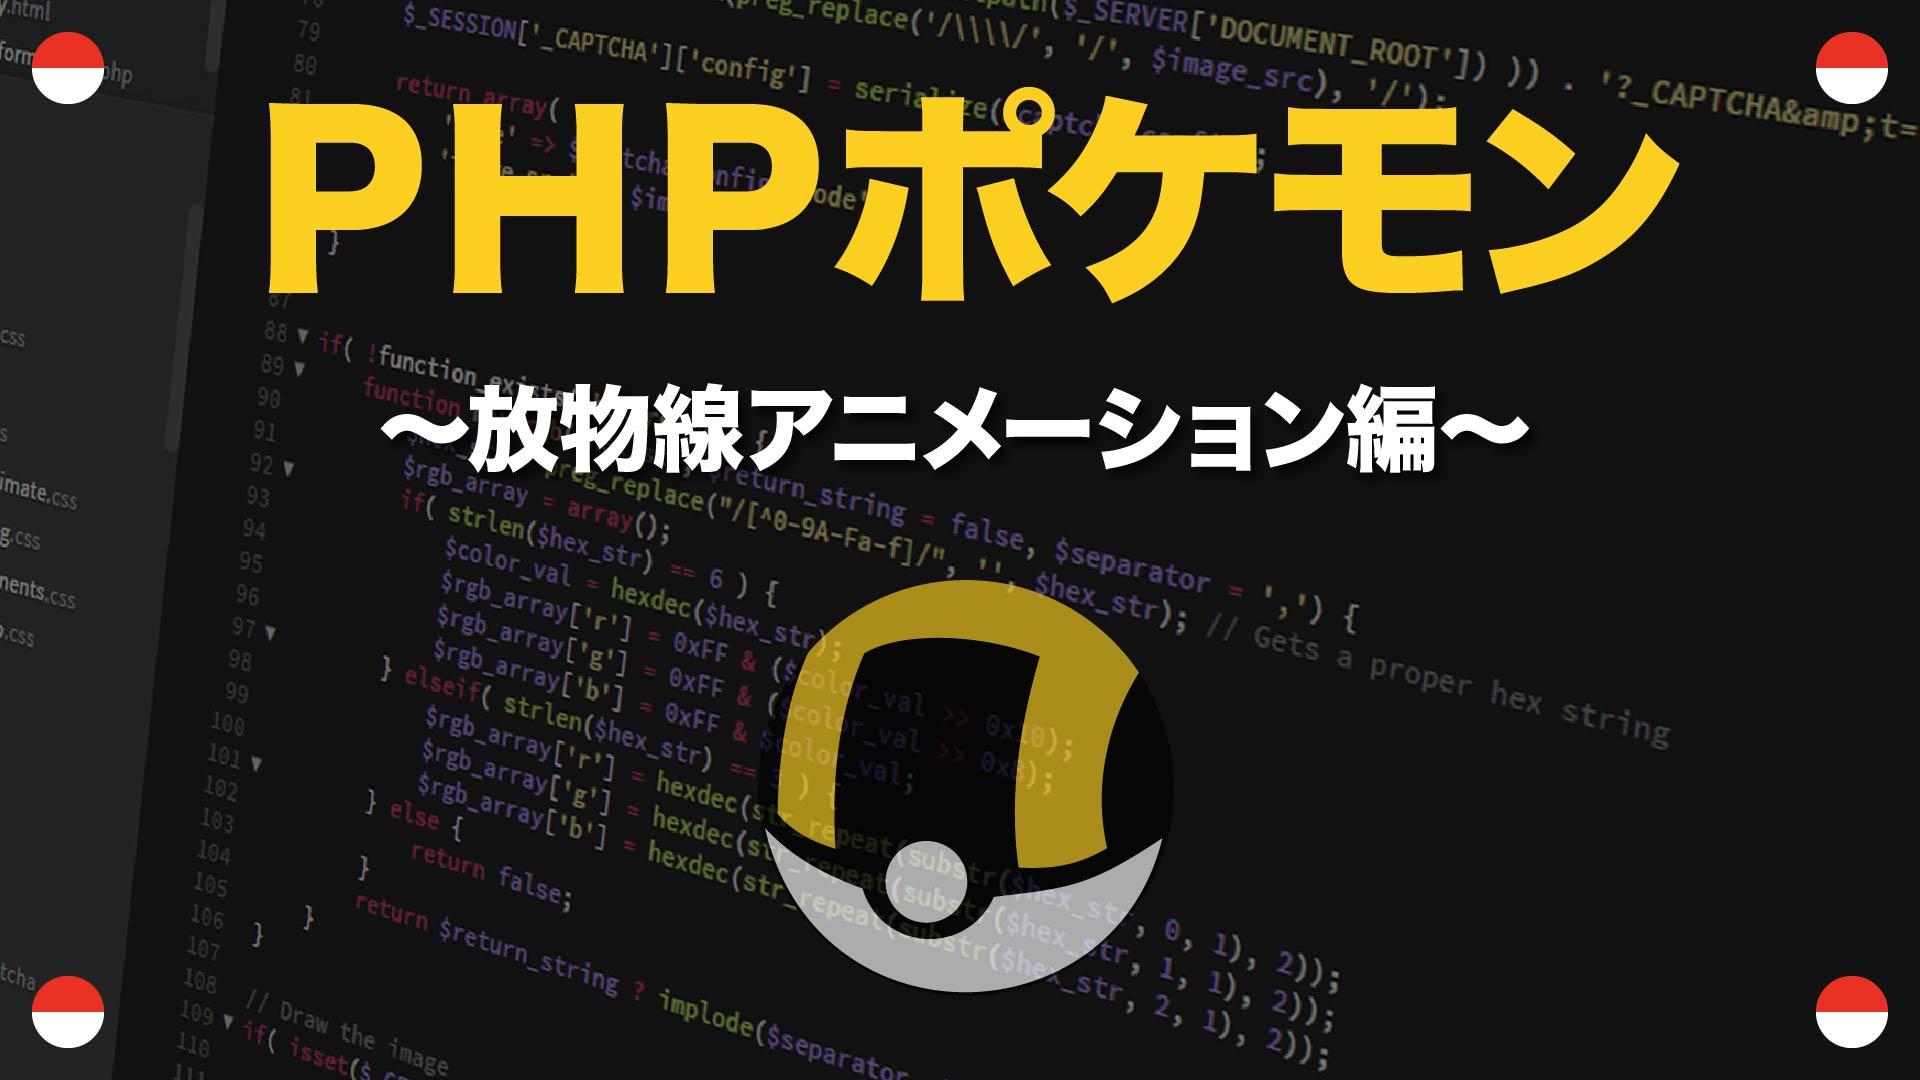 放物線アニメーション編 PHPポケモン 81